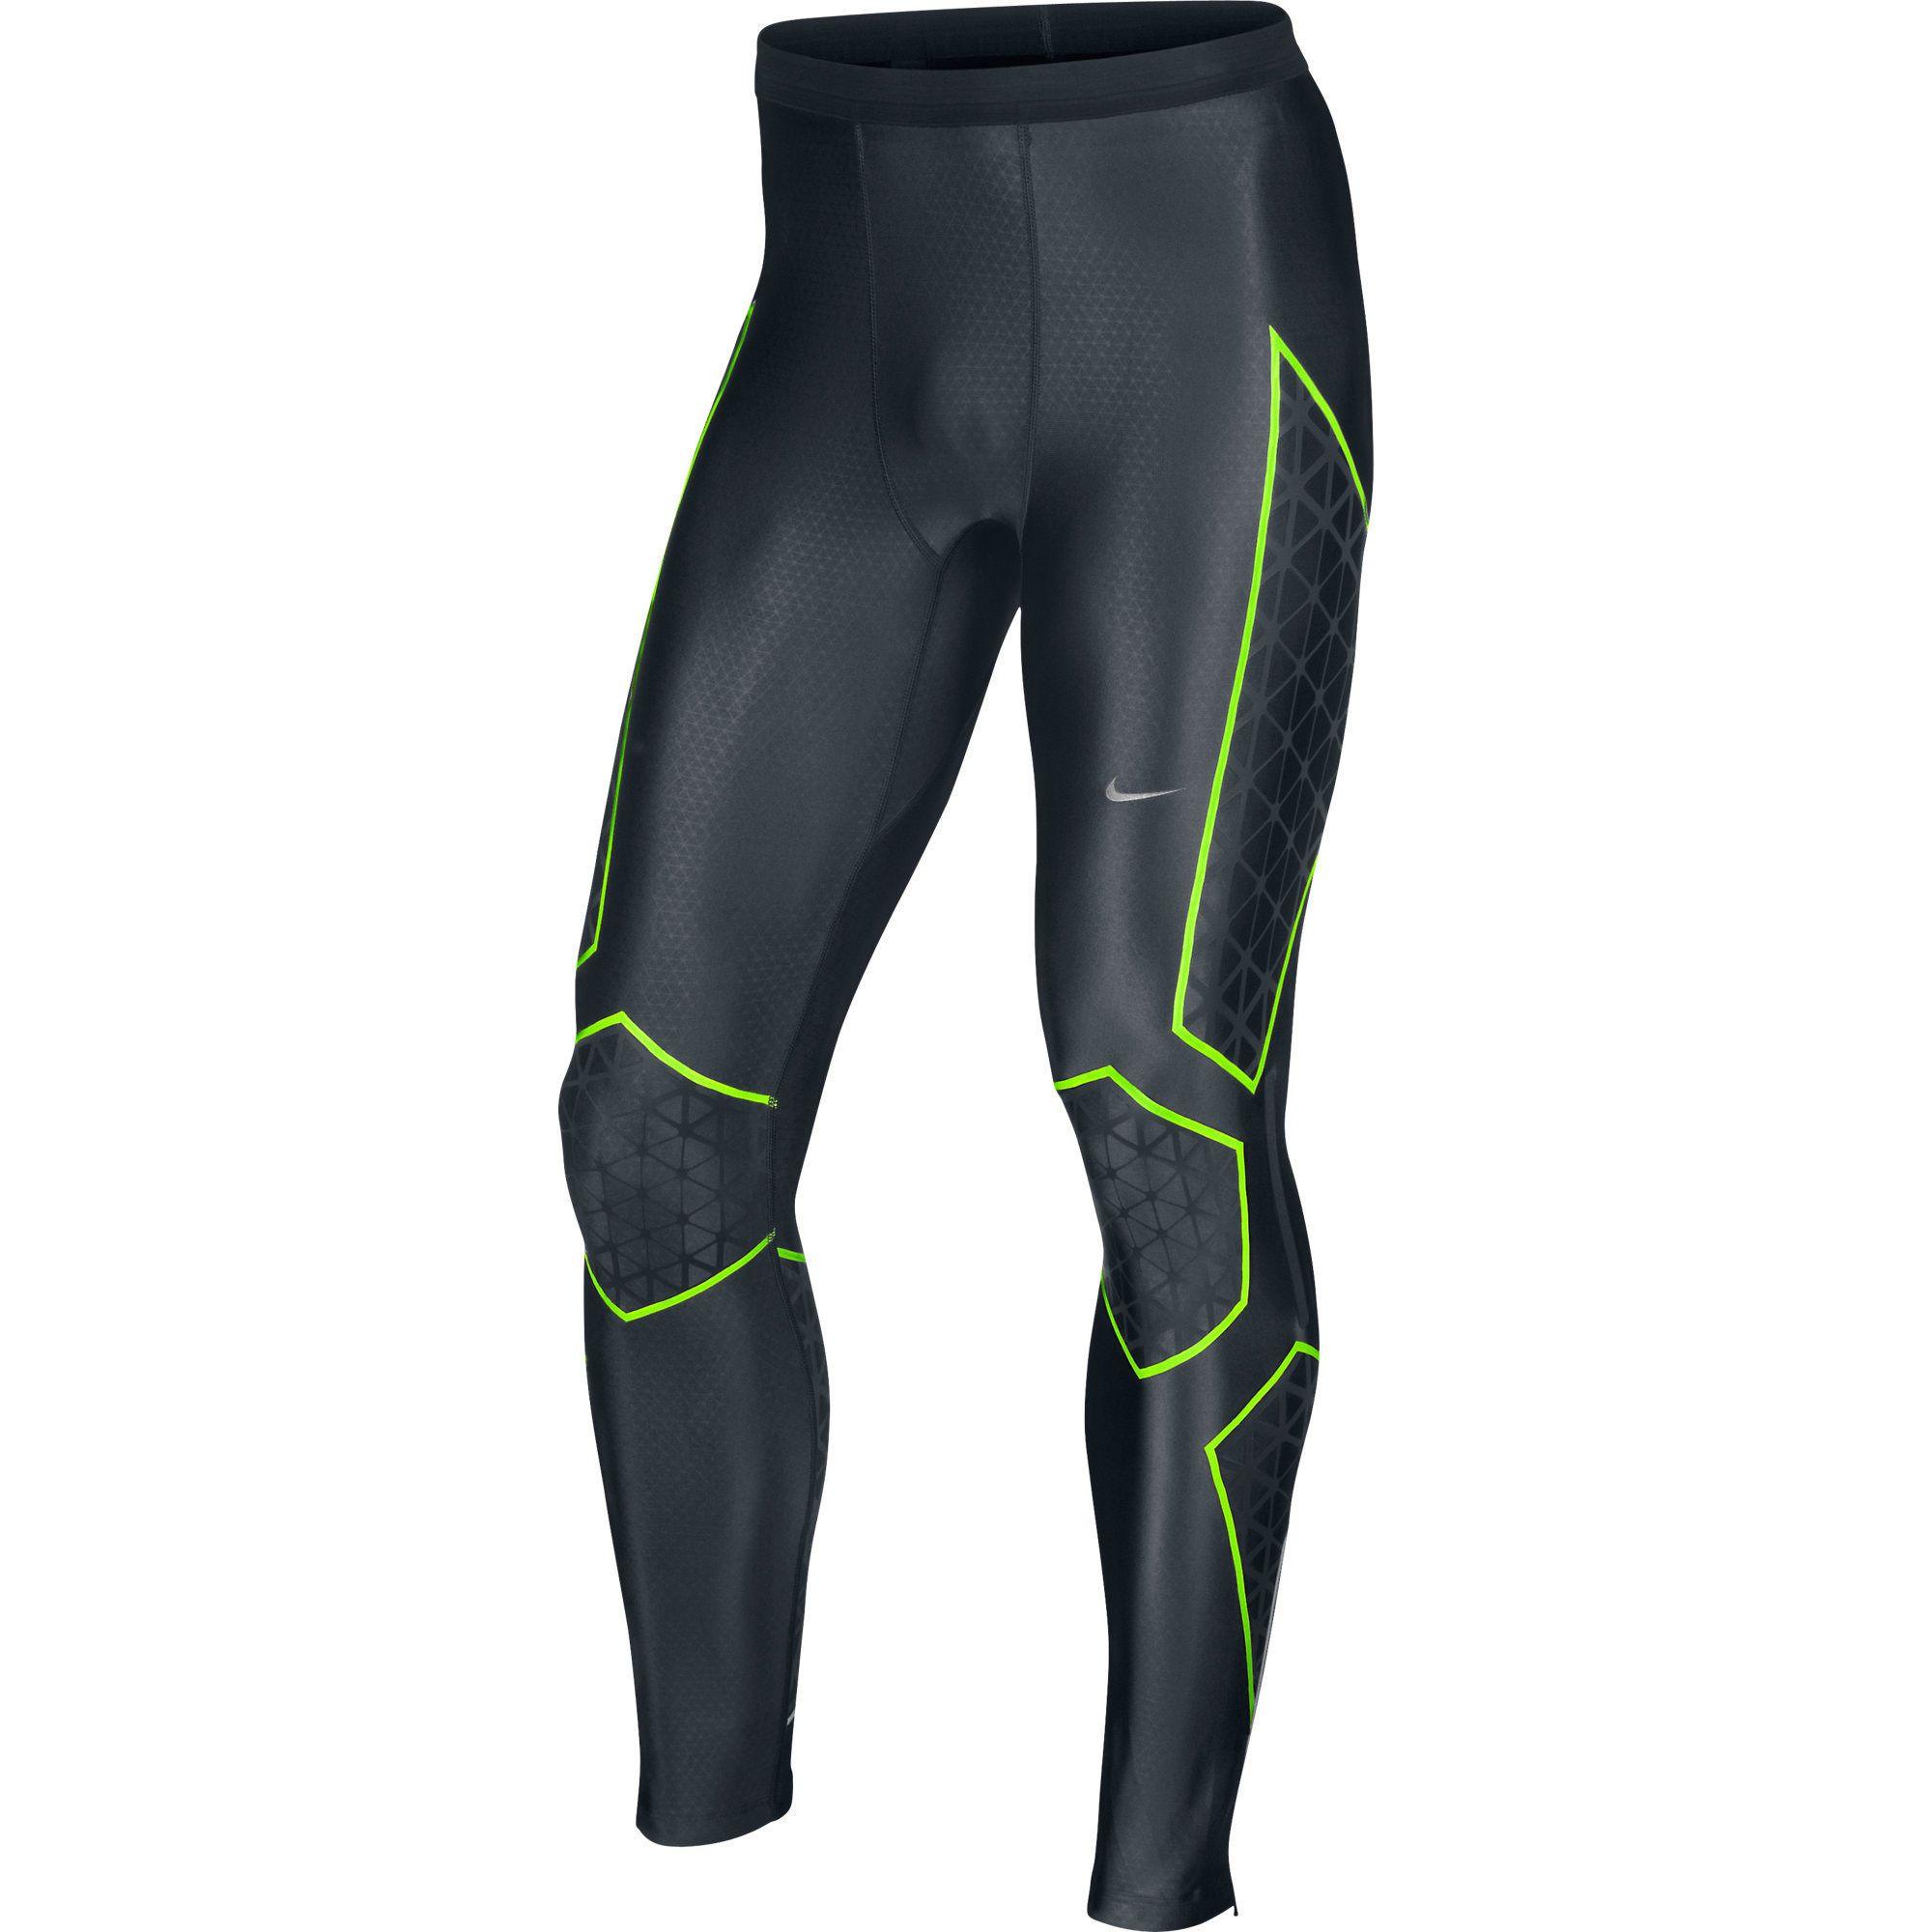 Nike swift 2